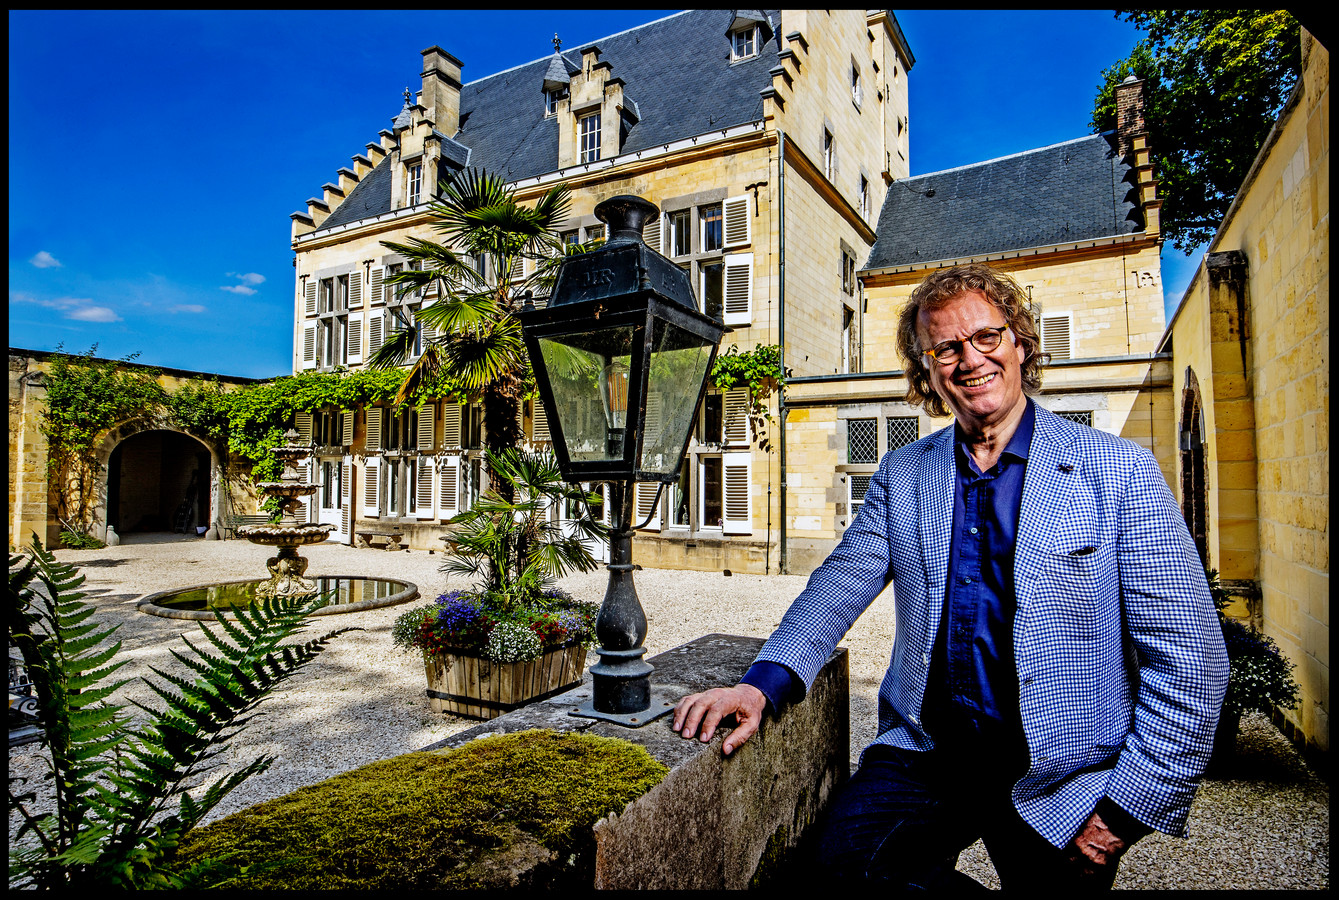 André Rieu met op de achtergrond zijn huis.